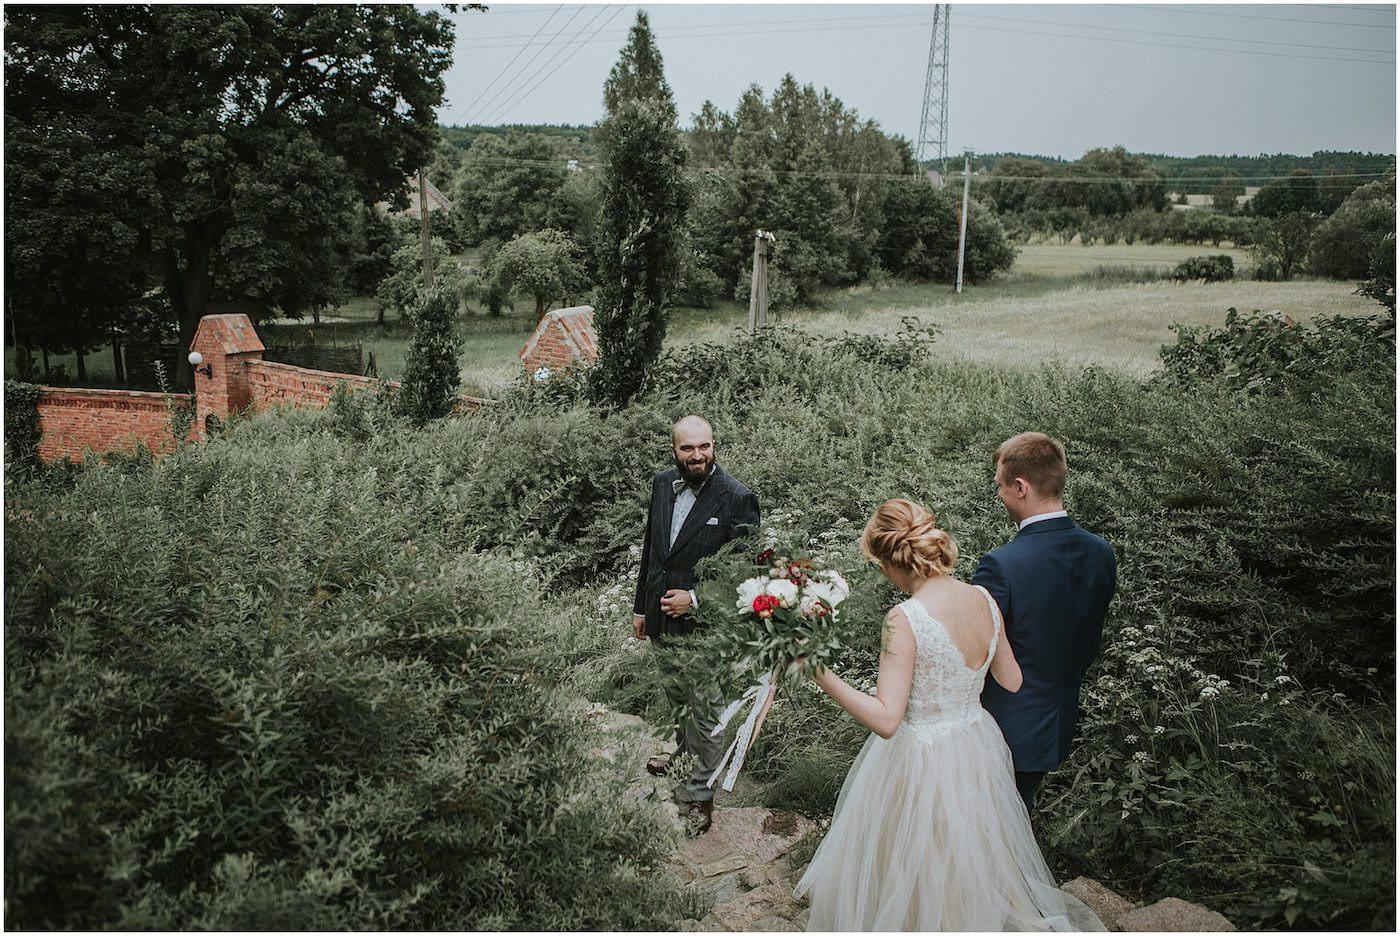 Ola & Mateusz - Wesele w Olandii 35